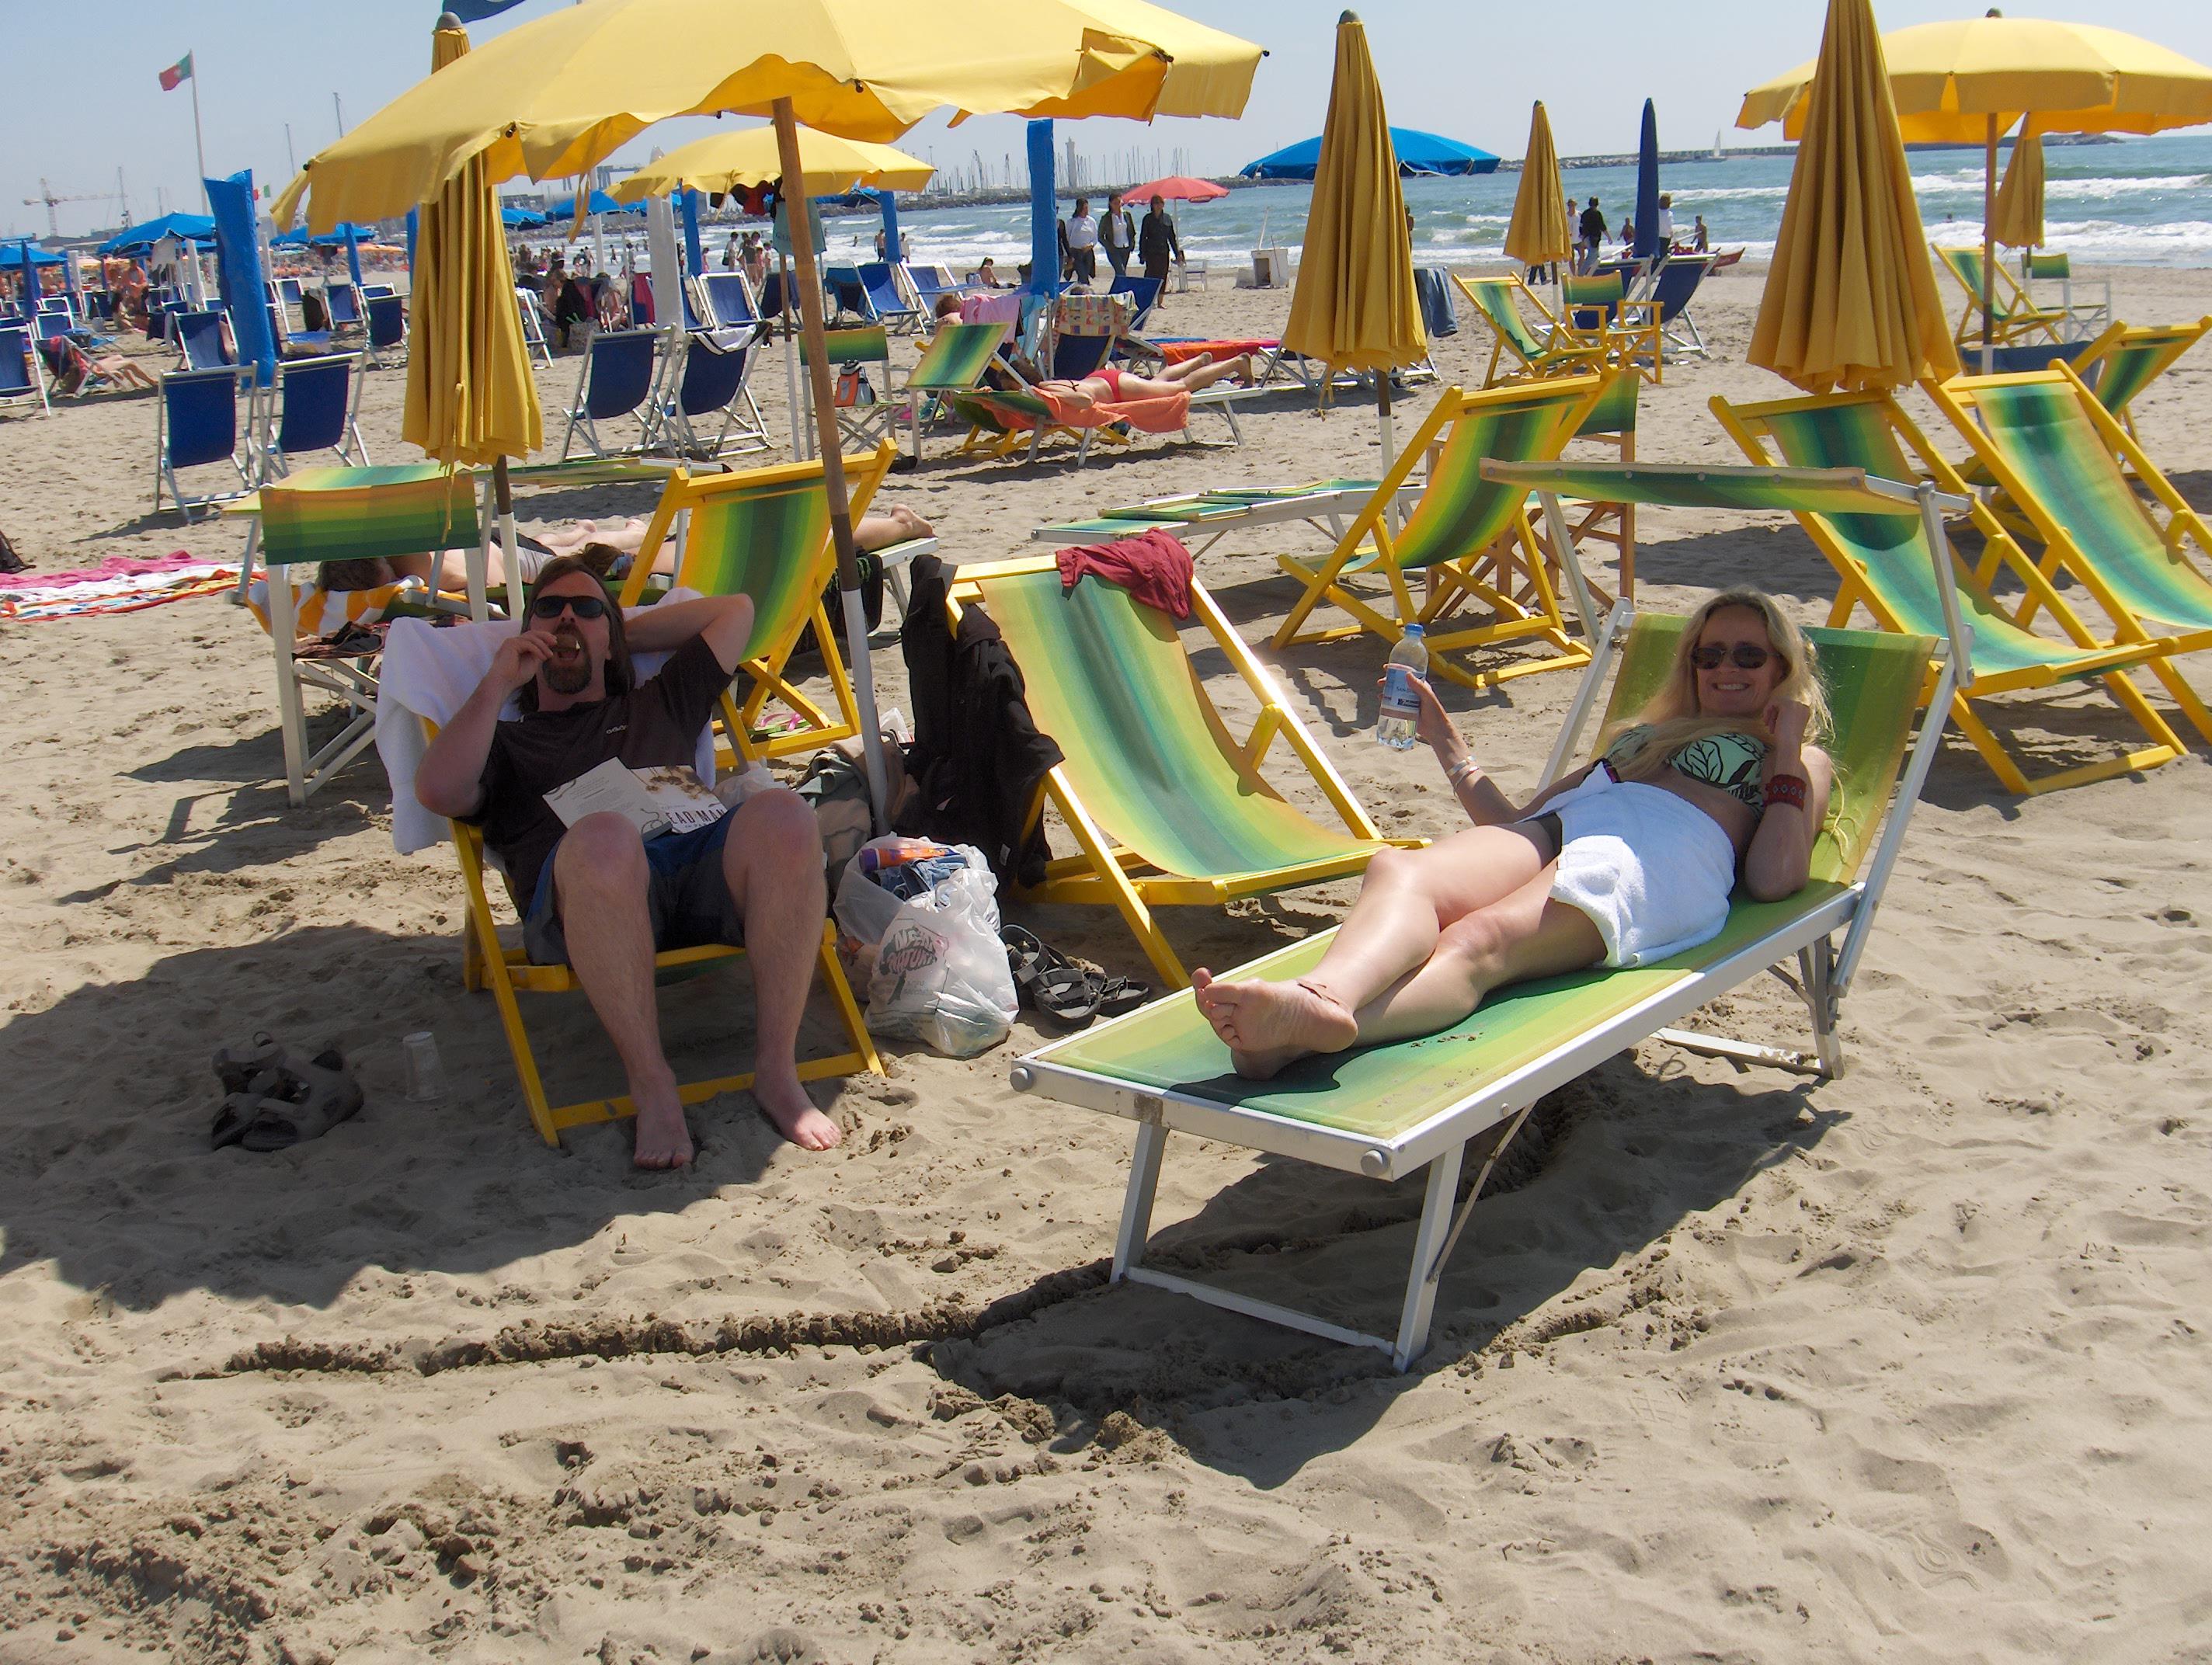 Beach at Viareggio